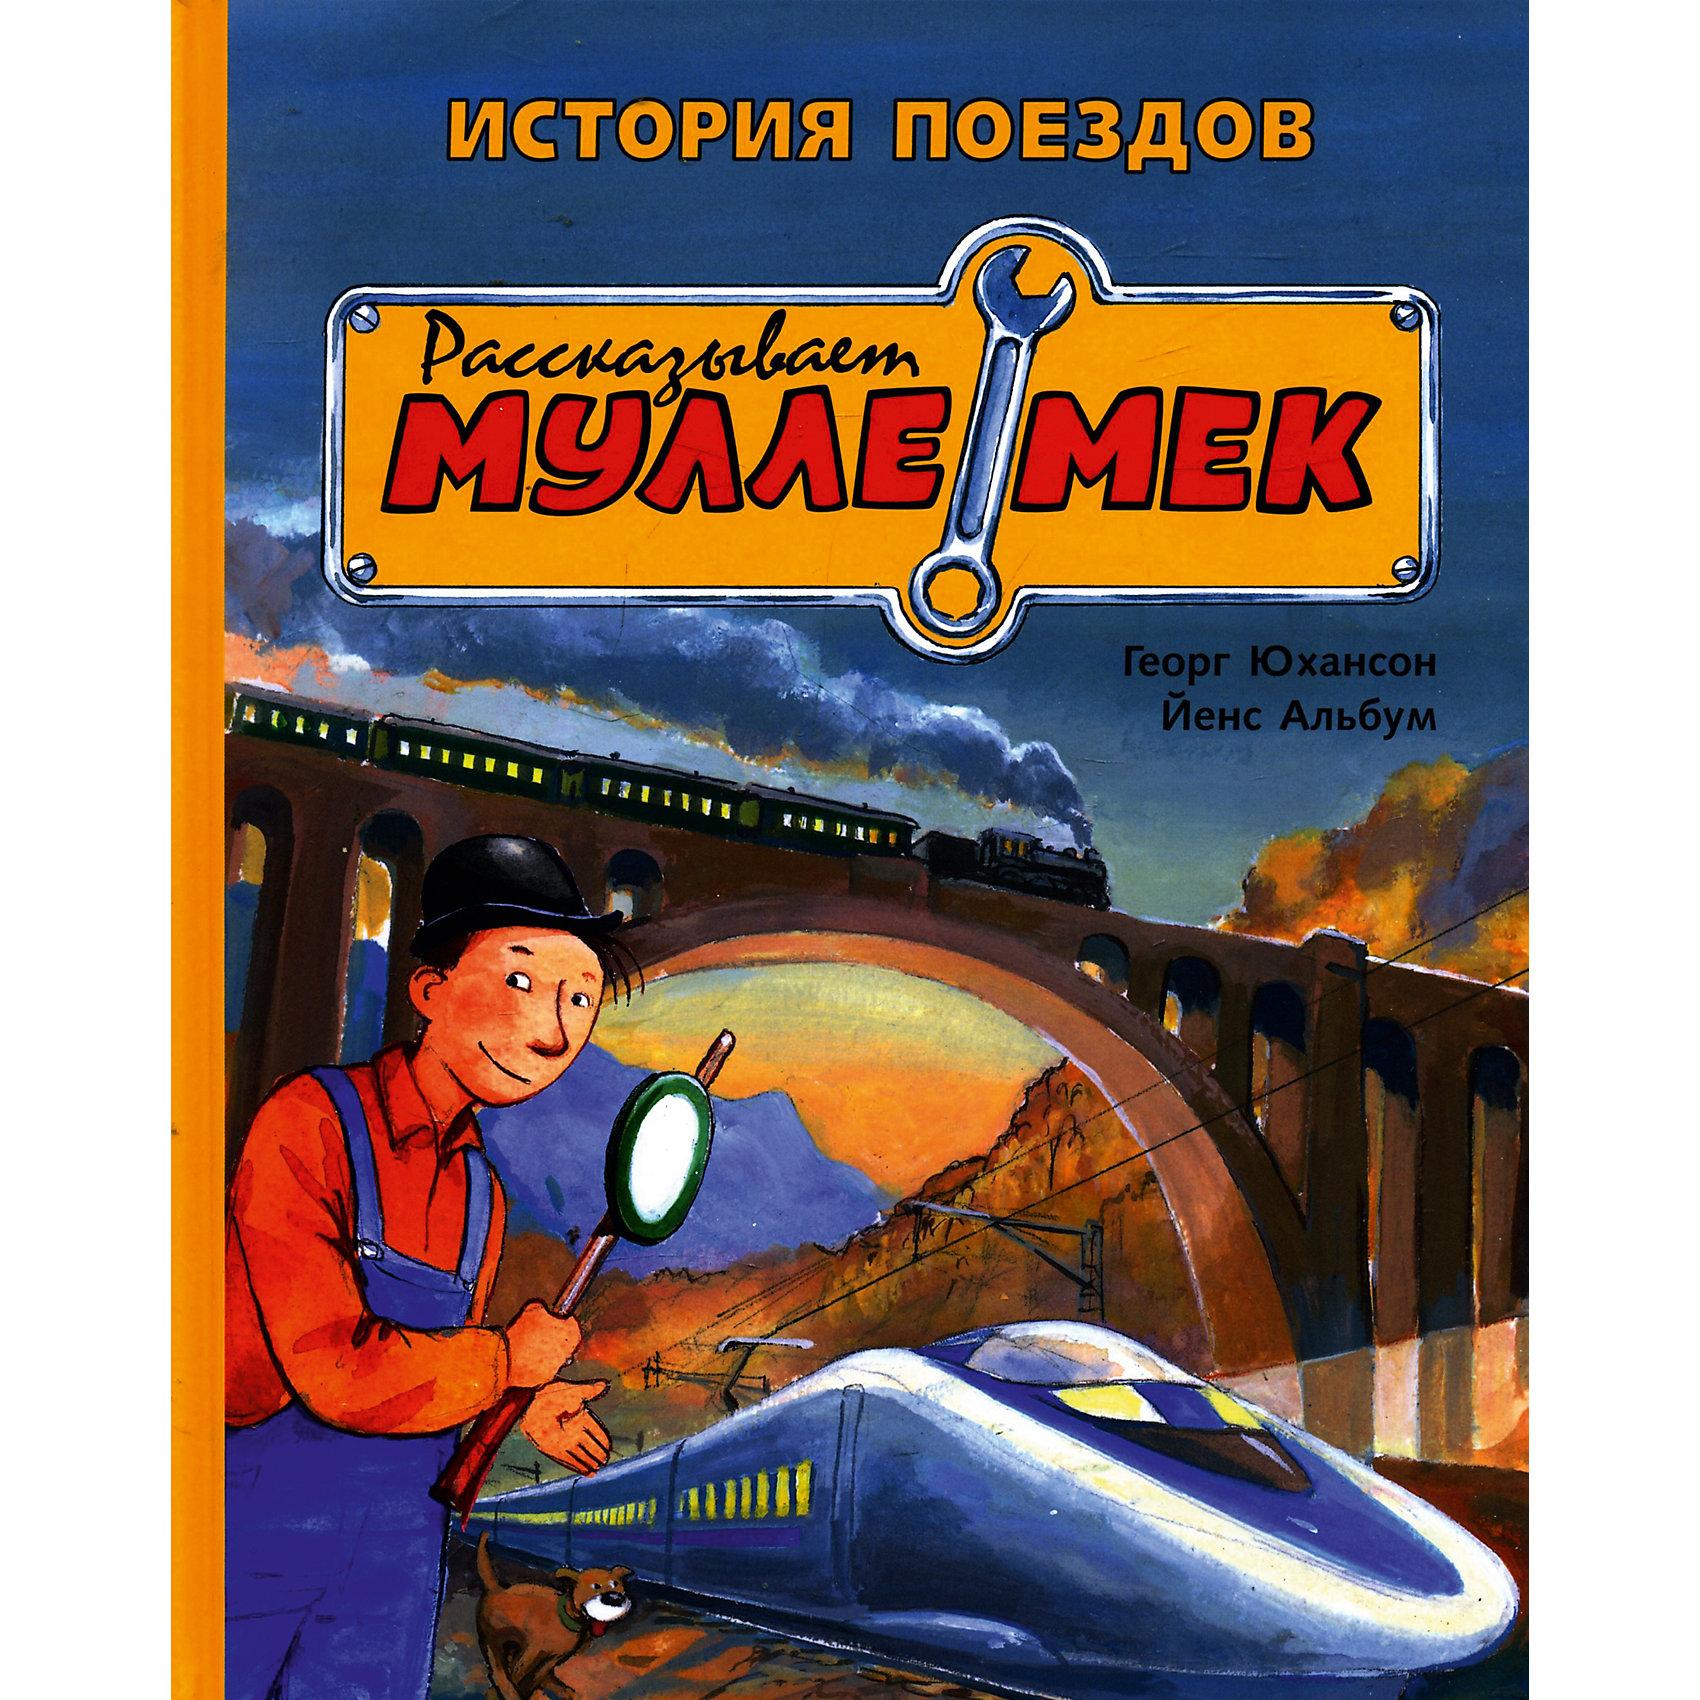 История поездов, Рассказывает Мулле Мек, Г. ЮхансонИстория поездов, Рассказывает Мулле Мек, Г. Юхансон – это красочно иллюстрированная книга о создании и совершенствовании поездов.<br>Шведский механик Мулле Мек уже хорошо знаком читателям по серии книг Мулле Мек - умелый человек, где он вместе со своей собакой Буффой собирает из груды ненужного хлама то автомобиль, то лодку, то самолёт, то строит новый дом. А в новой серии под названием Рассказывает Мулле Мек Мулле с Буффой путешествуют во времени и подробно рассказывают нам об истории различных технических изобретений. Из книги История поездов можно узнать о том, когда появились и как выглядели первые паровозы и поезда, как устроены современные локомотивы и суперэкспрессы, как кладут рельсы, какая железная дорога самая длинная в мире и о многом-многом-другом. Истории о мастере на все руки, механике Мулле Мекке и его собаке Буффе пользуются огромной популярностью у шведских детей вот уже на протяжении 20 лет. Мулле любят не меньше, чем известных героев сказок Астрид Линдгрен, и с ним ребята могут встретиться в знаменитом стокгольмском музее сказок Юнибакен. Создатели книг о Мулле Меке - известный шведский писатель Георг Юхансон, автор множества детских книг о науке и технике, и не менее знаменитый художник-иллюстратор Йенс Альбум, обладатель ряда наград и премий, в том числе премии Шведской библиотечной ассоциации за лучшую детскую иллюстрированную книгу в 2003 году (ранее лауреатами этой премии становились Туве Янссон и Свен Нурдквист).<br><br>Дополнительная информация:<br><br>- Автор: Юхансон Георг<br>- Художник: Альбум Йенс<br>- Переводчик: Затолокина Лилиана<br>- Издательство: Мелик-Пашаев, 2015 г.<br>- Серия: Мулле Мек - умелый человек<br>- Тип обложки: 7Бц - твердая, целлофанированная (или лакированная)<br>- Иллюстрации: цветные<br>- Количество страниц: 28 (офсет)<br>- Размер: 263x202x7 мм.<br>- Вес: 272 гр.<br><br>Книгу «История поездов, Рассказывает Мулле Мек», Г. Юхансон можно купить в нашем интернет-магази